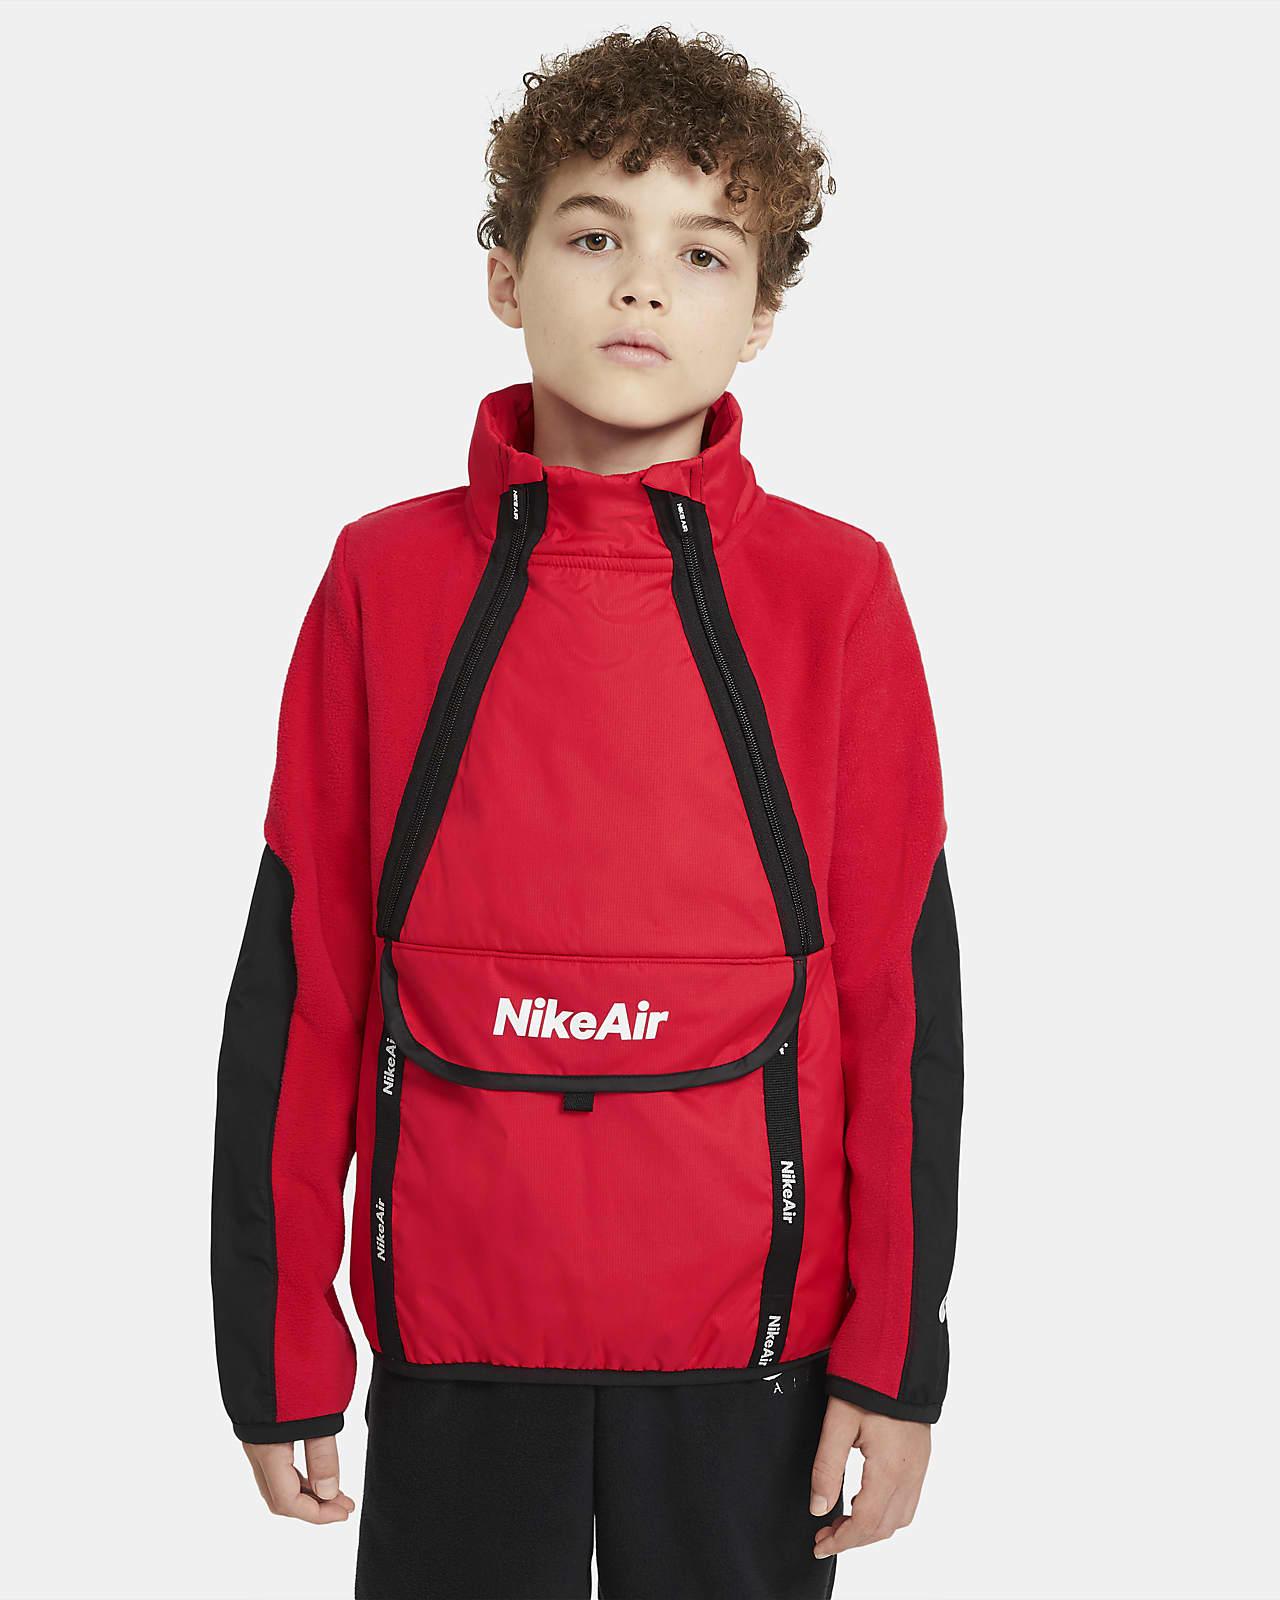 Nike Air vinteroverdel til store barn (gutt)